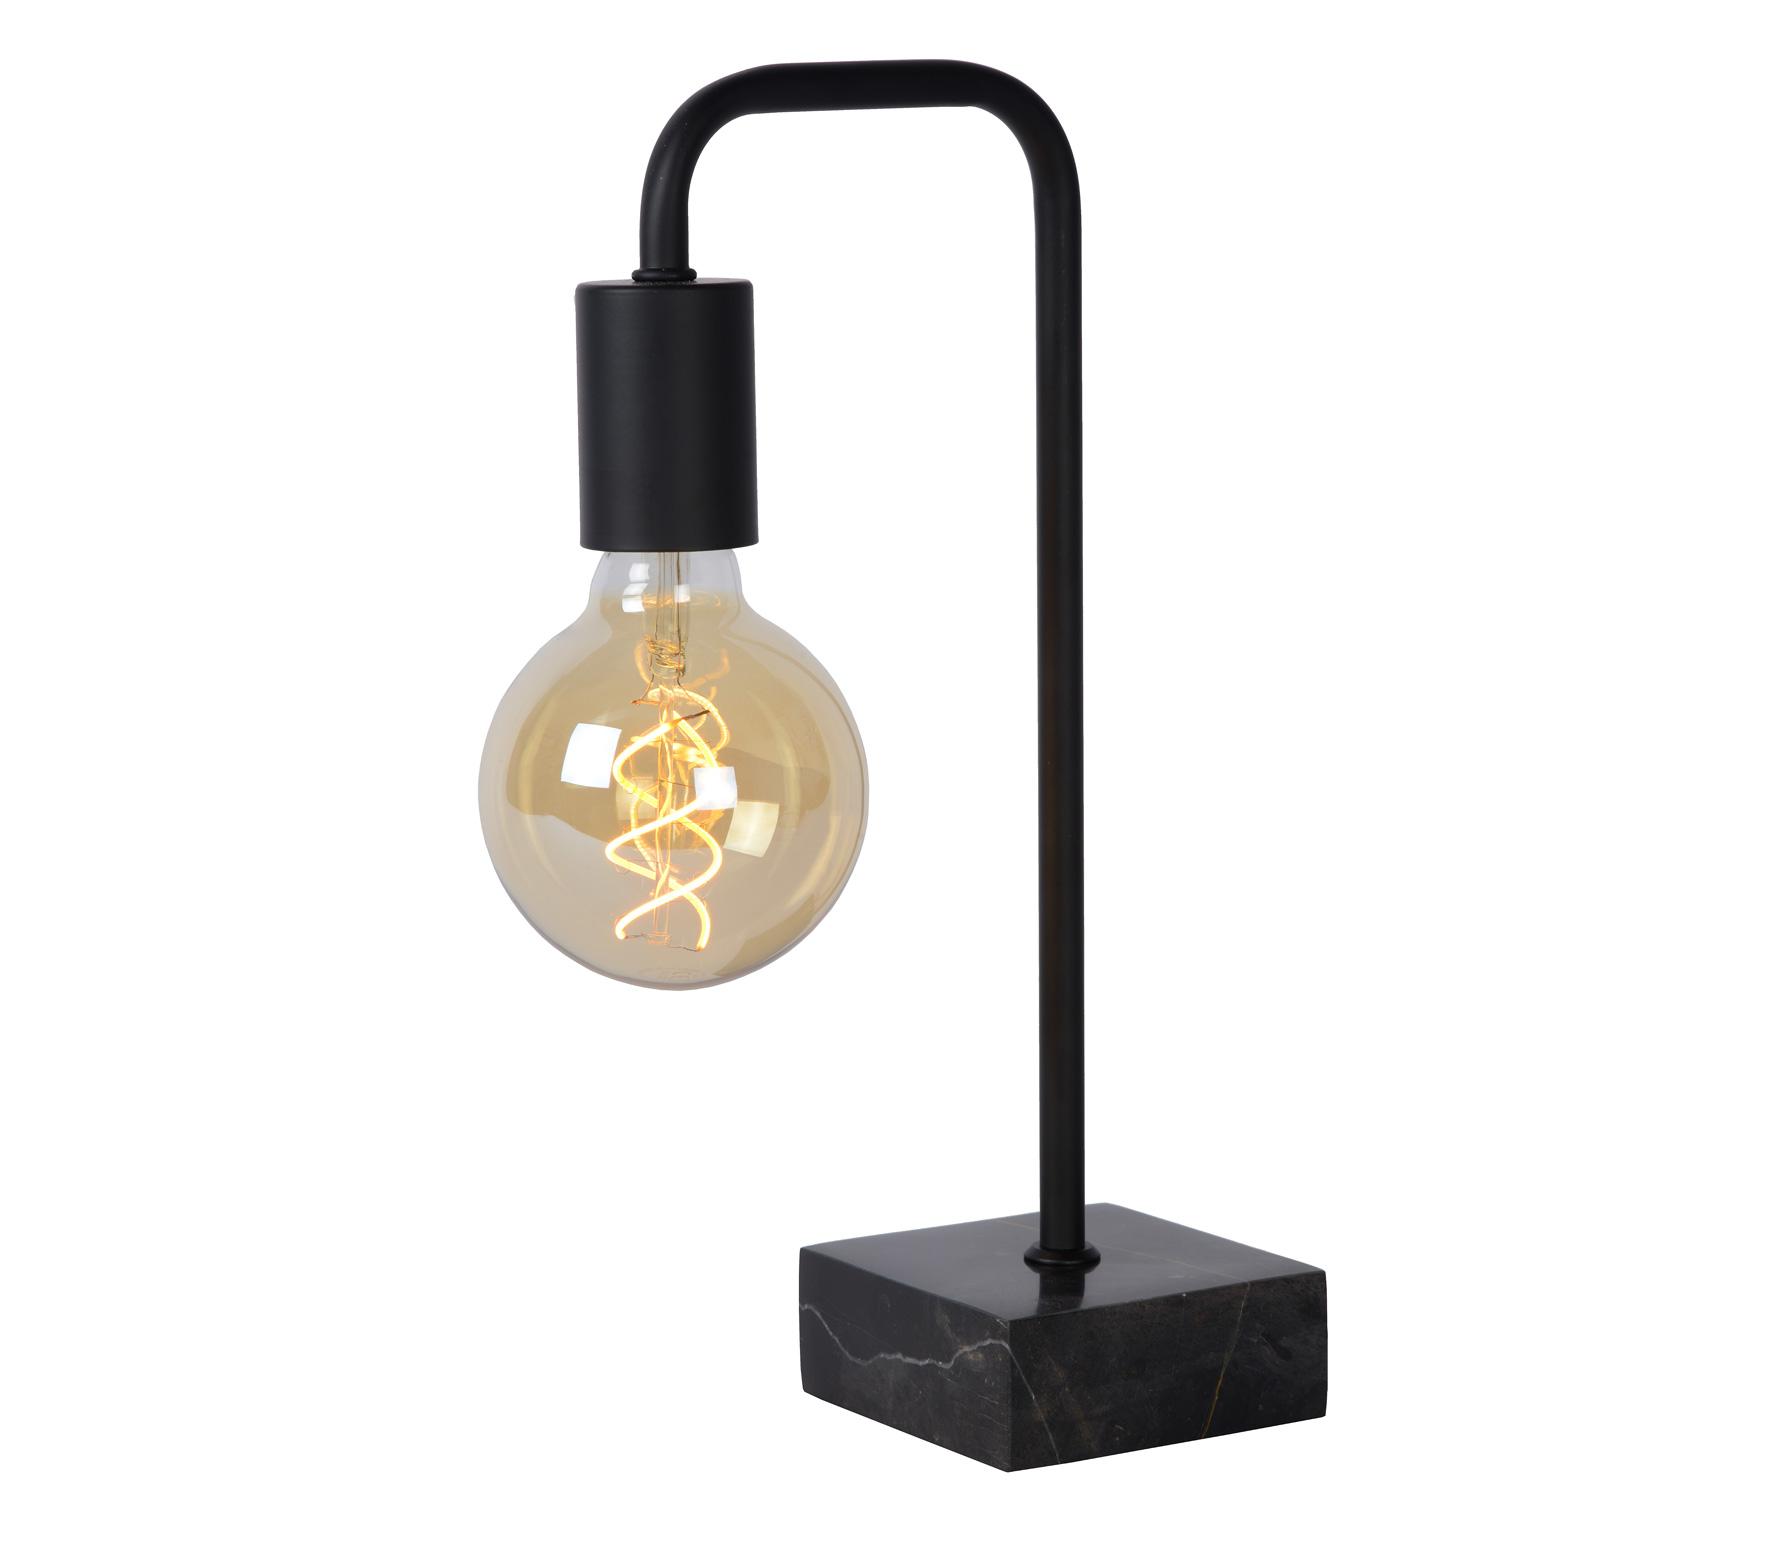 Lorin tafellamp metaal zwart